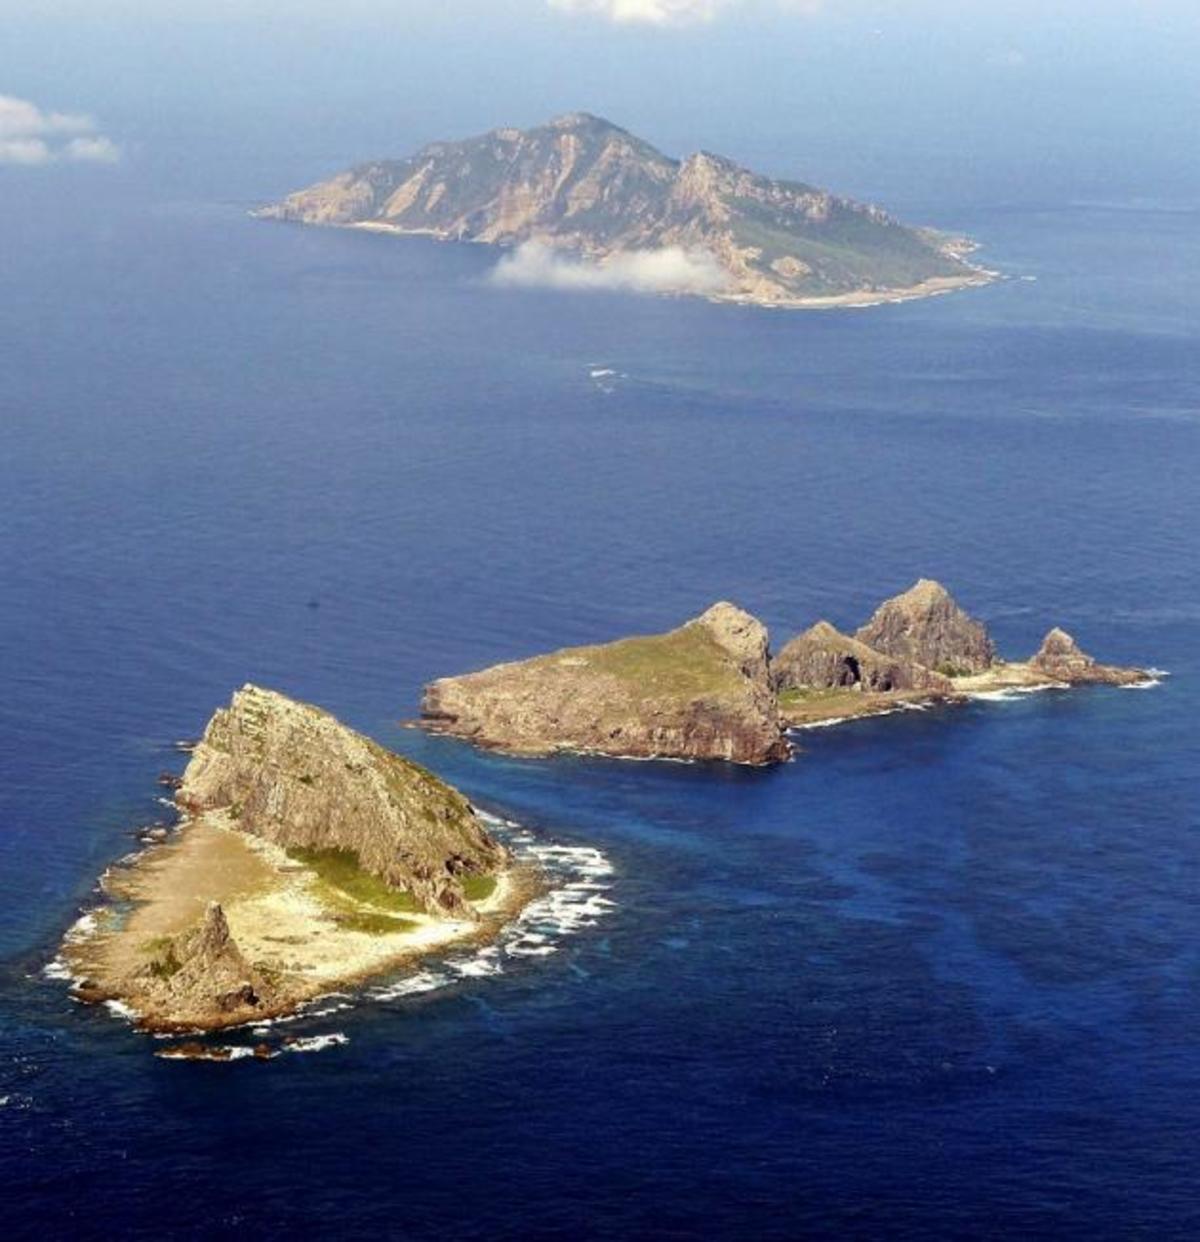 Αυτά είναι …τα Ίμια Κίνας-Ιαπωνίας. Ένταση στην ανατολική θάλασσα της Κίνας | Newsit.gr